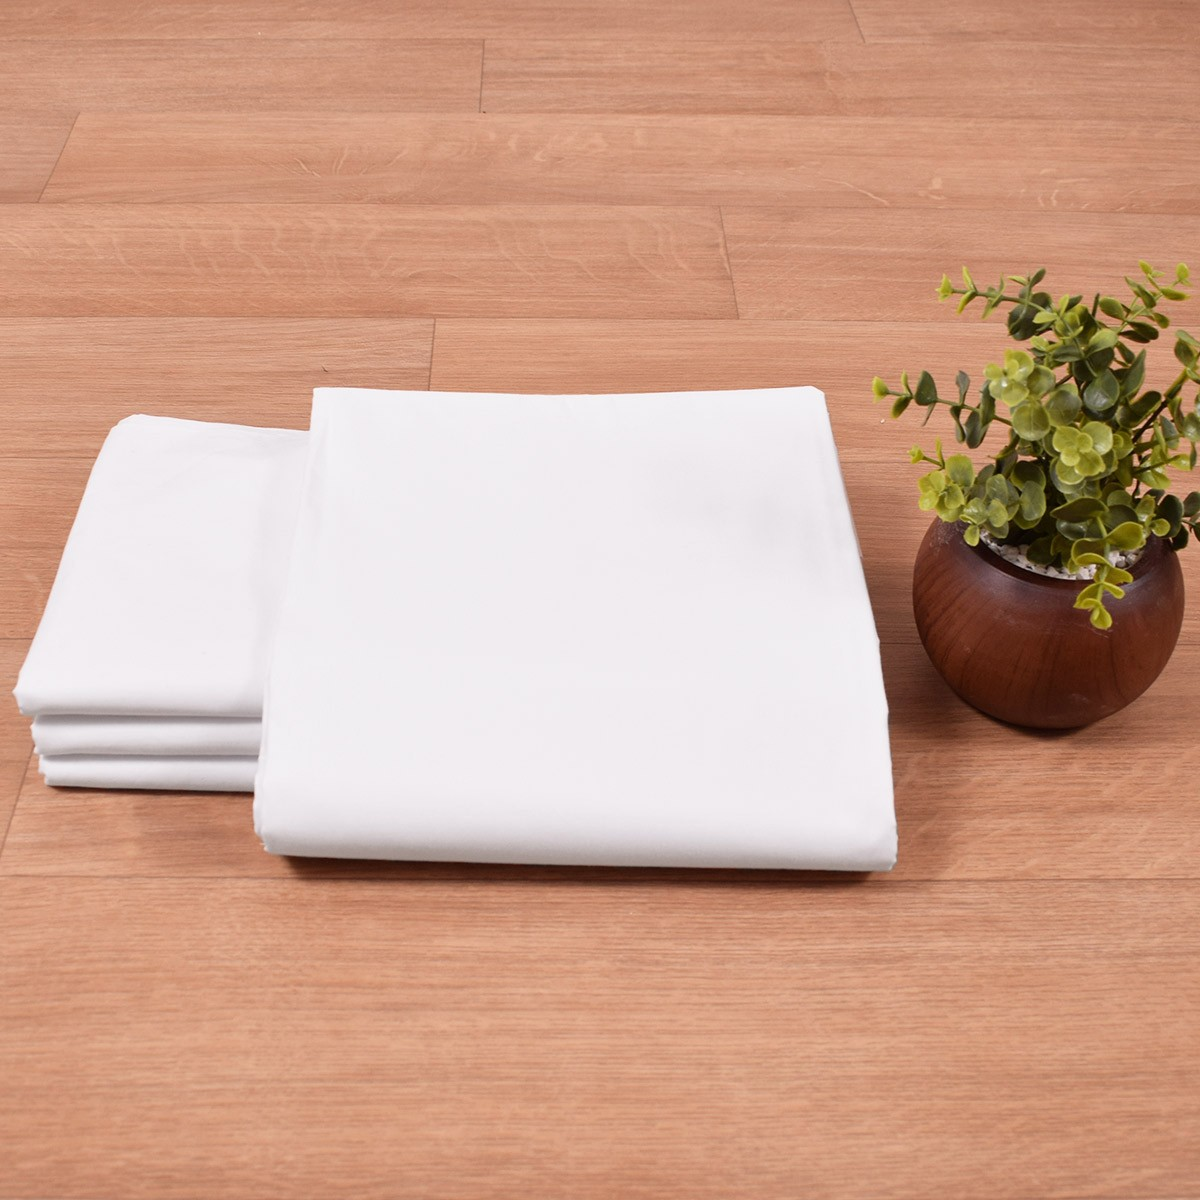 Σεντόνι (280x290) 50%Βαμβάκι 50%Polyester T200 home   επαγγελματικός εξοπλισμός   ξενοδοχειακός εξοπλισμός   σεντόνια ξενοδοχεί